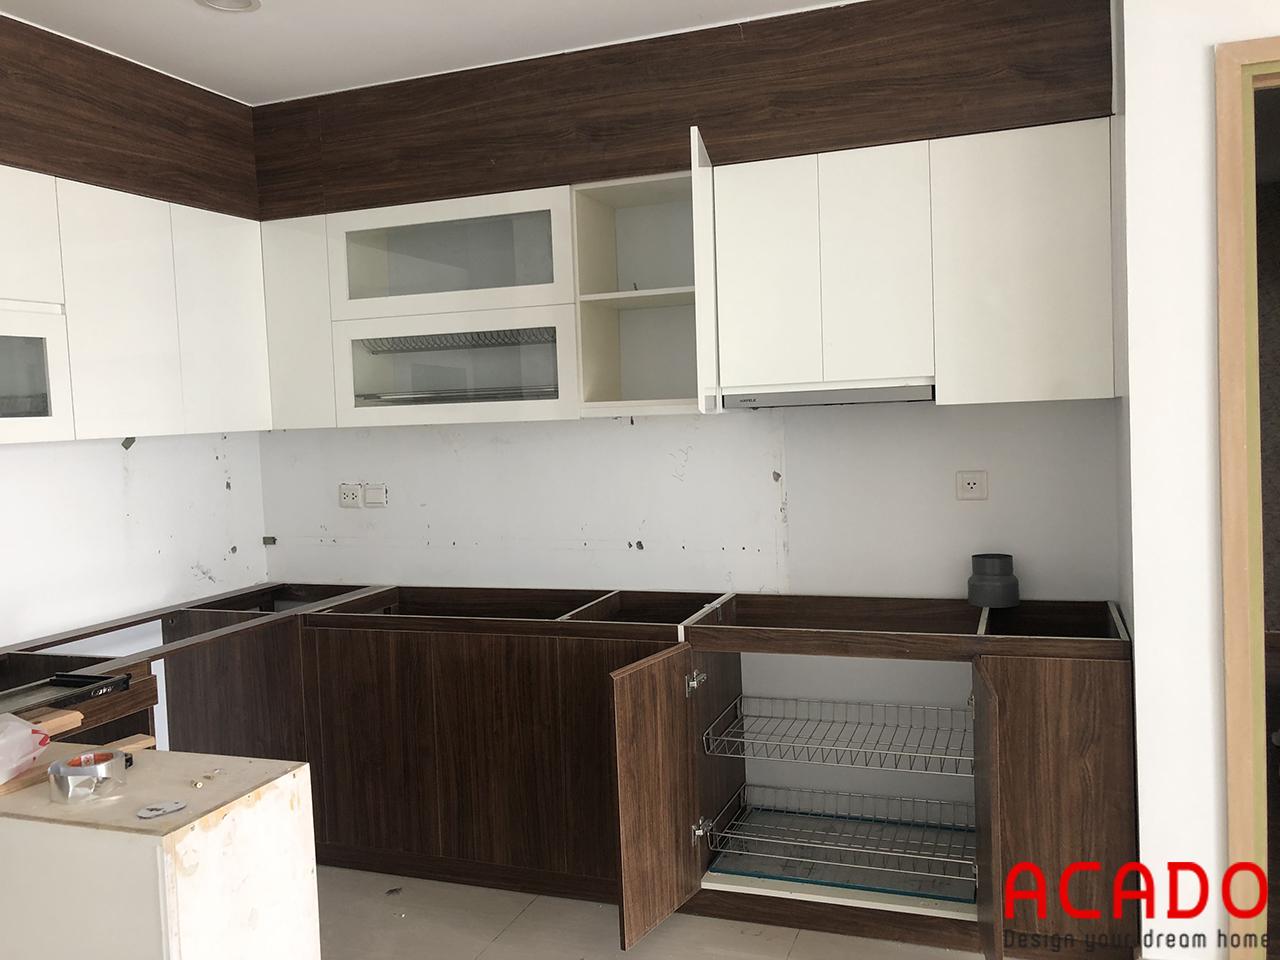 Tủ bếp gia đình anh Toàn đang dần hoàn thiện - Làm tủ bếp tại Khuất Duy Tiến , Thanh Xuân , Hà Nội